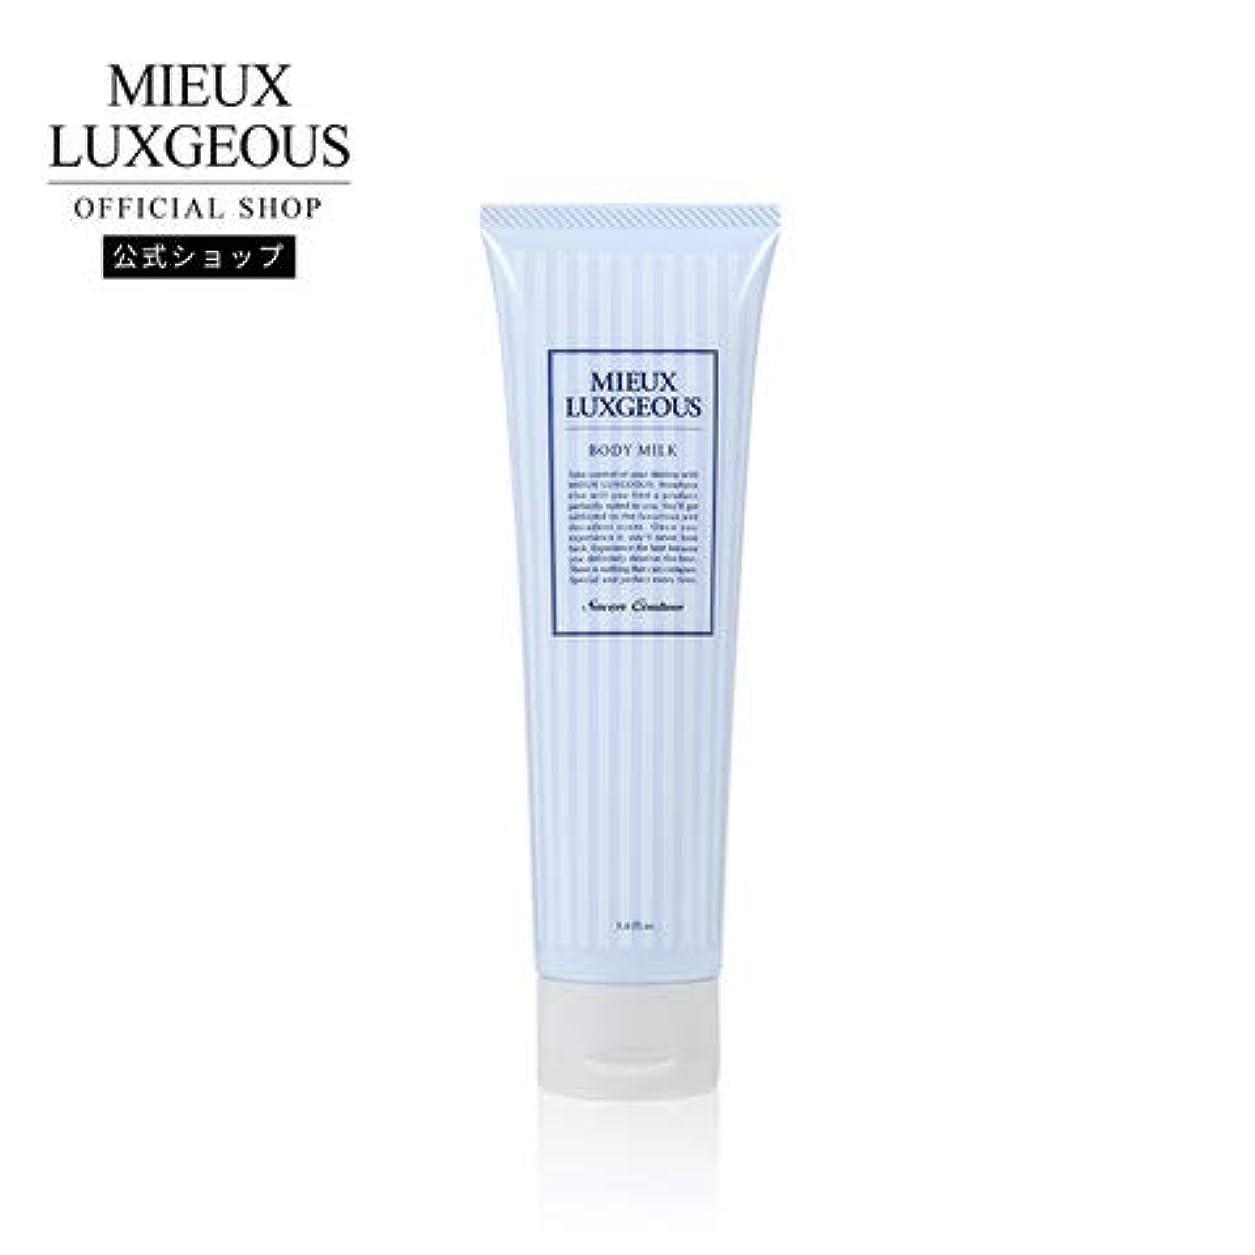 漂流知恵ラビリンスミューラグジャス ボディミルク Savon Coutureの香り